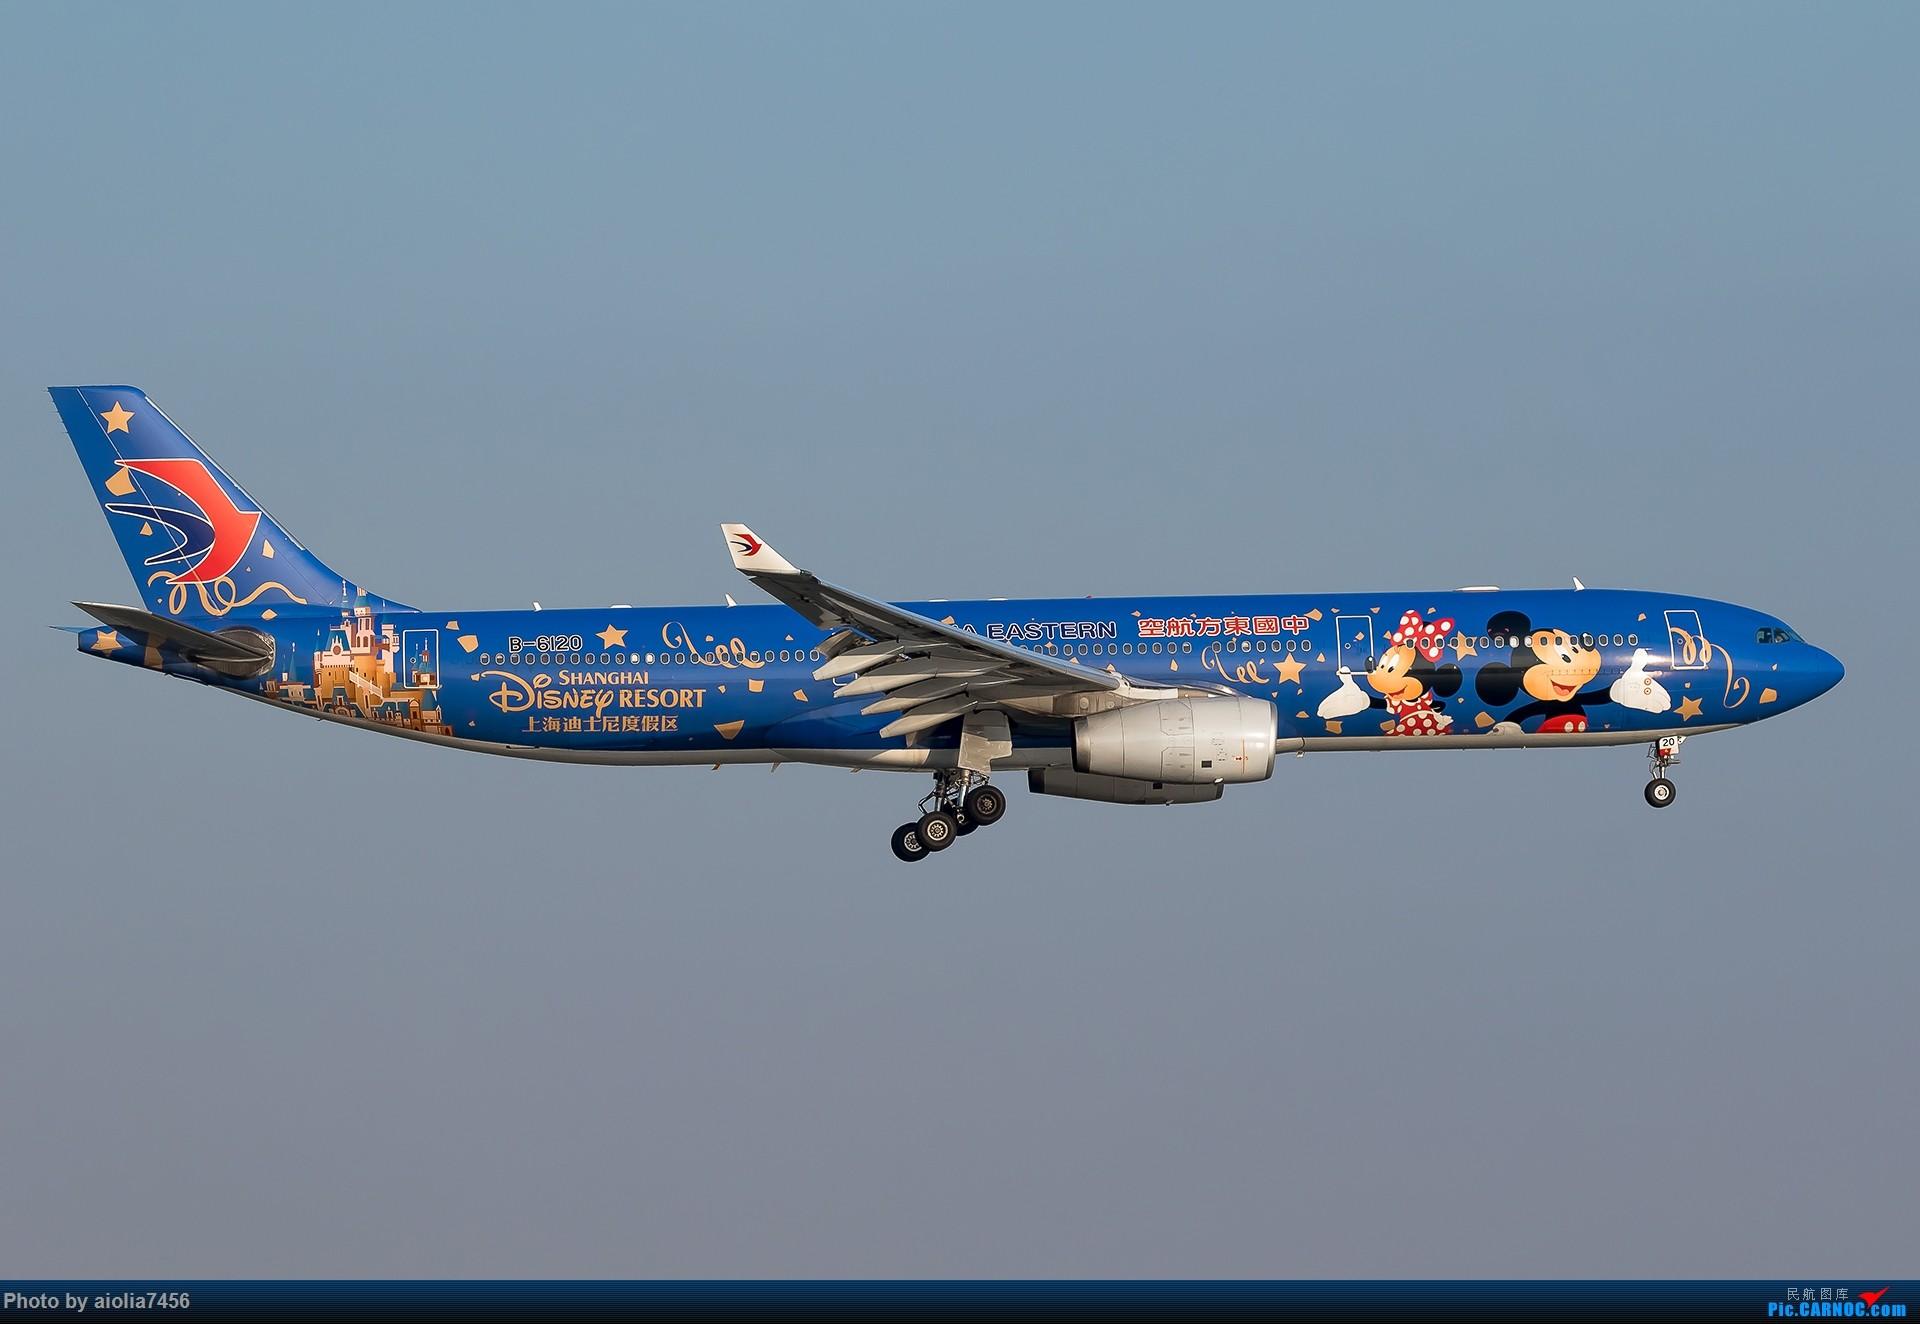 Re:[原创][霸都打机队]摸摸怀中的7D2,好宝宝,跟了新的主人你要乖乖听话哦,离开我之前,我带你逛一圈ZSSS,最后一次陪我看看那些我们不怎么看得到的宽体吧。 AIRBUS A330-300 B-6120 中国上海虹桥国际机场